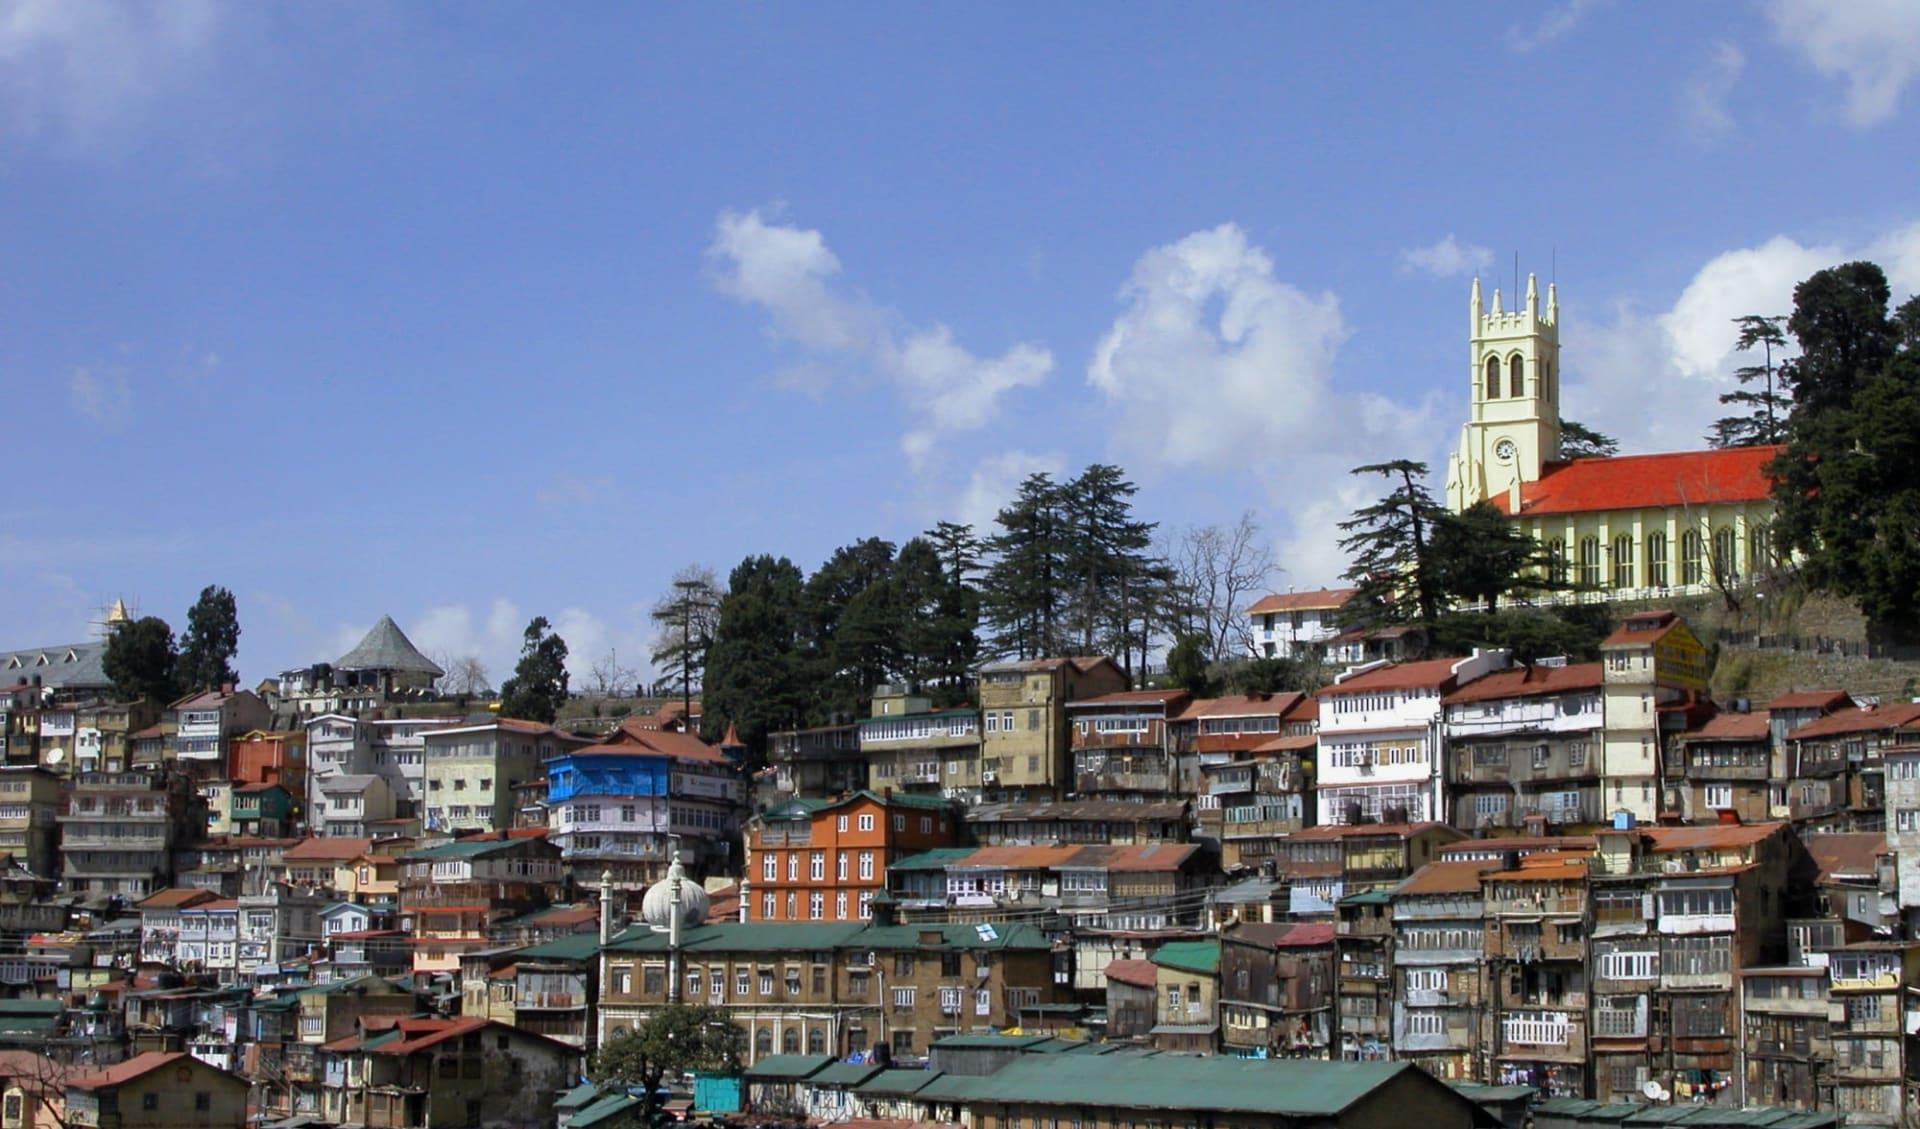 Am Fusse des Himalaya ab Delhi: Shimla: Old Town & Church